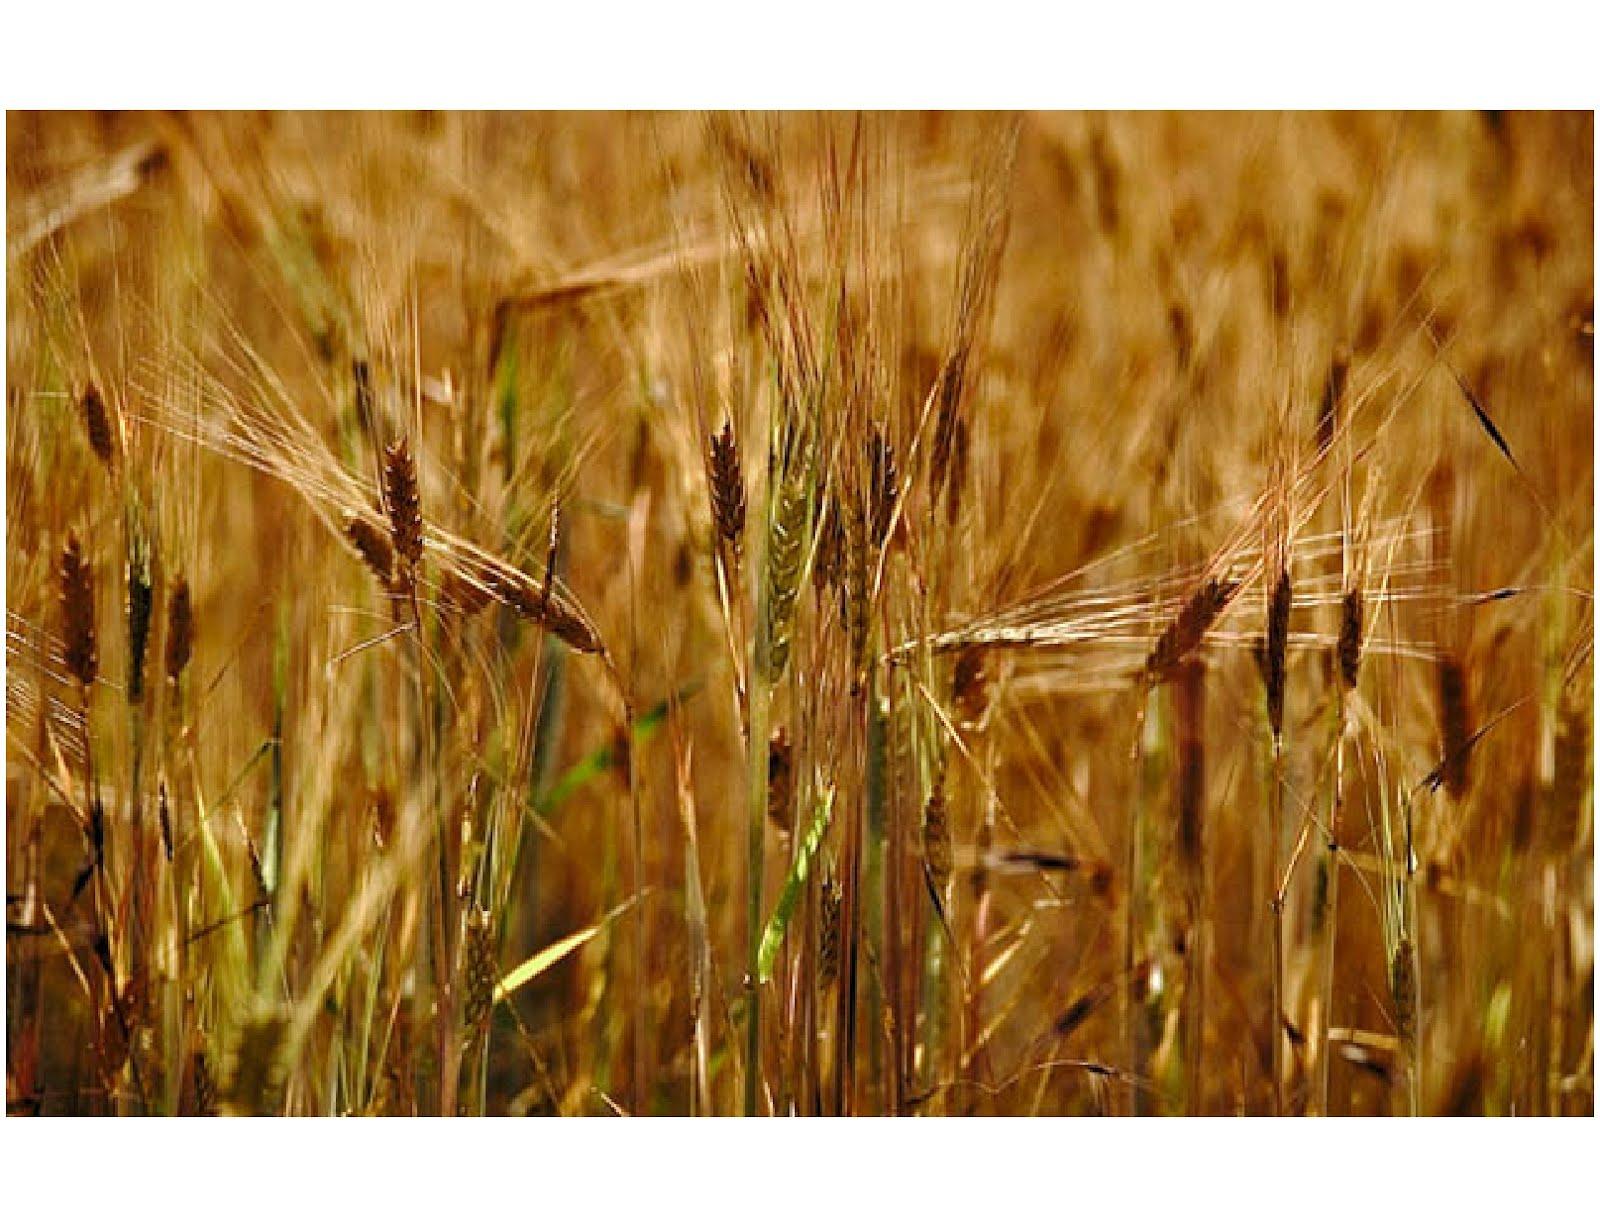 http://2.bp.blogspot.com/-L9CxWifJ2ew/T0bwNDNt2KI/AAAAAAAADYU/leyP4fMQl7k/s1600/wheat.jpg